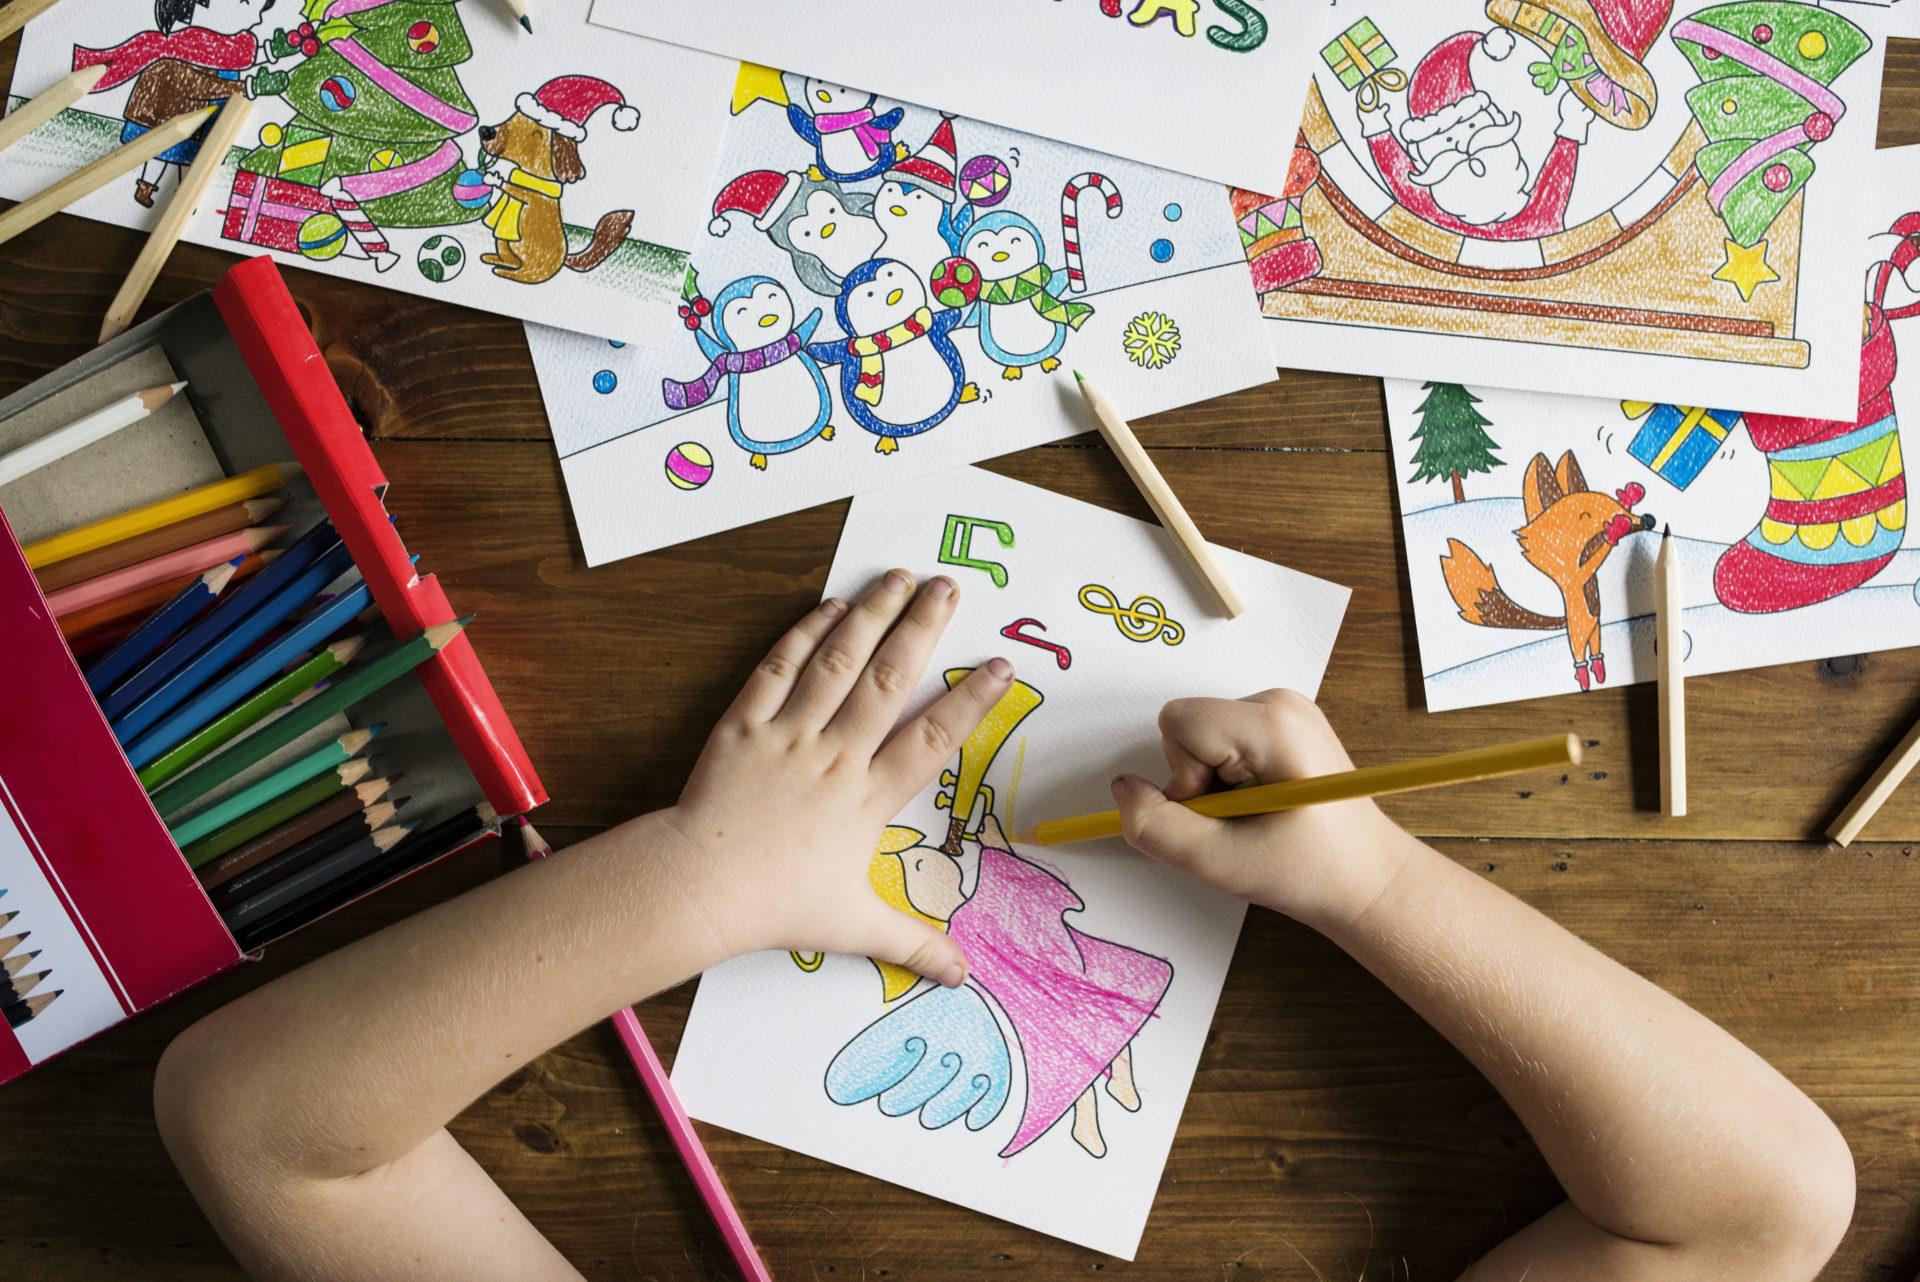 Noël : Coloriages Et Dessins De Noel À Imprimer - Un Max D'idées avec Dessin A Colorier De Noel Gratuit A Imprimer